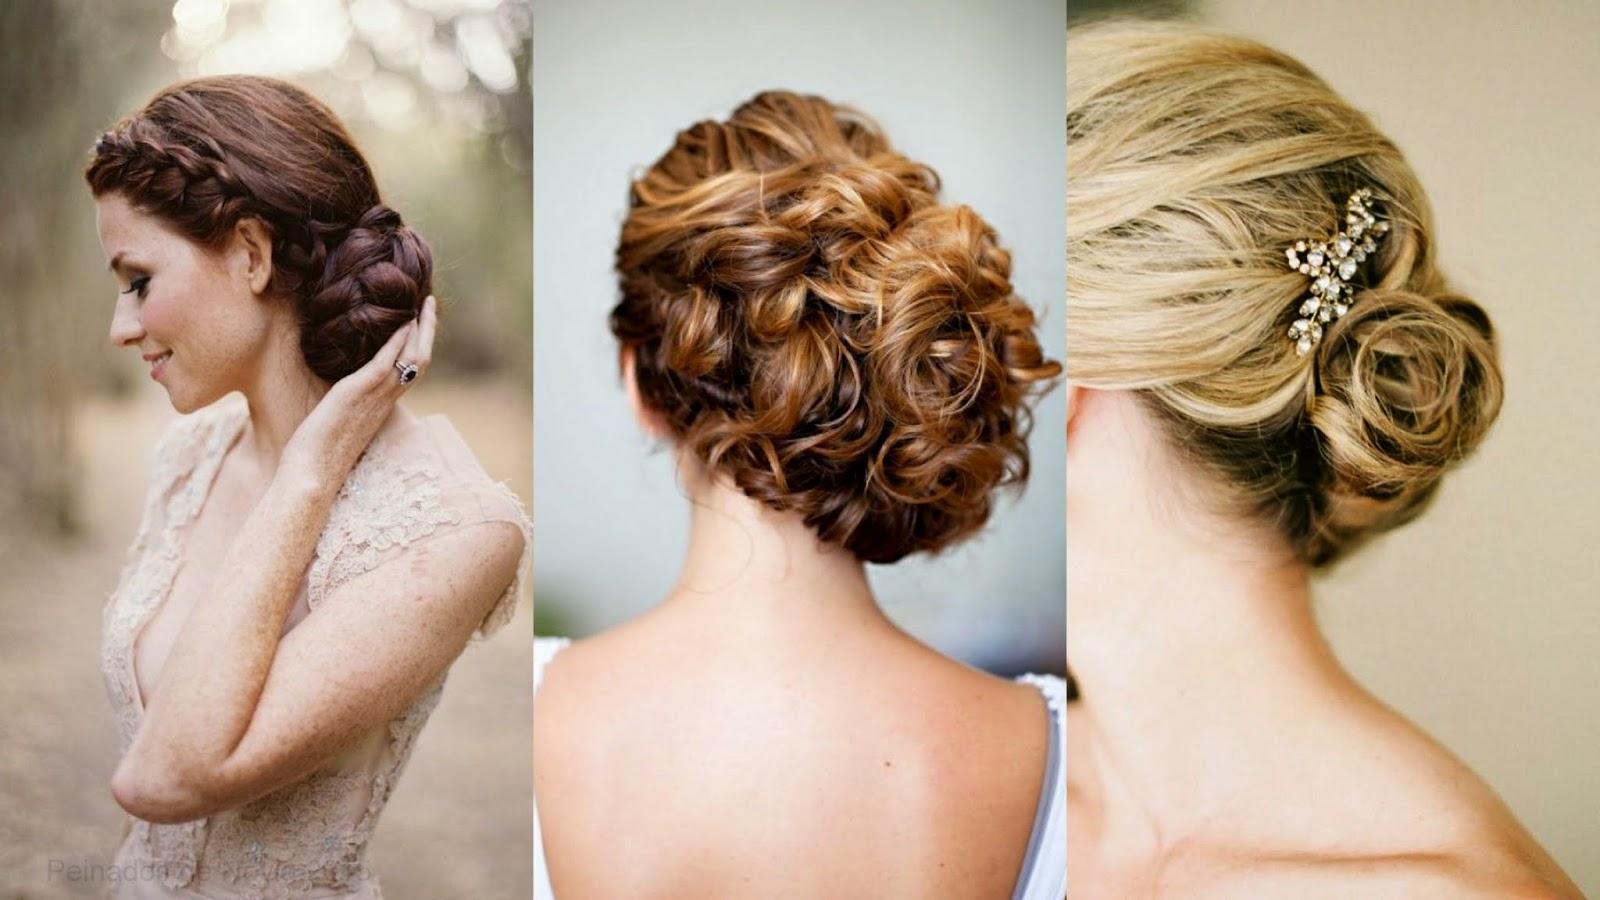 Fotos De Peinados Para Bodas Pelo Corto - 8 Peinados para novias de pelo corto Zankyou